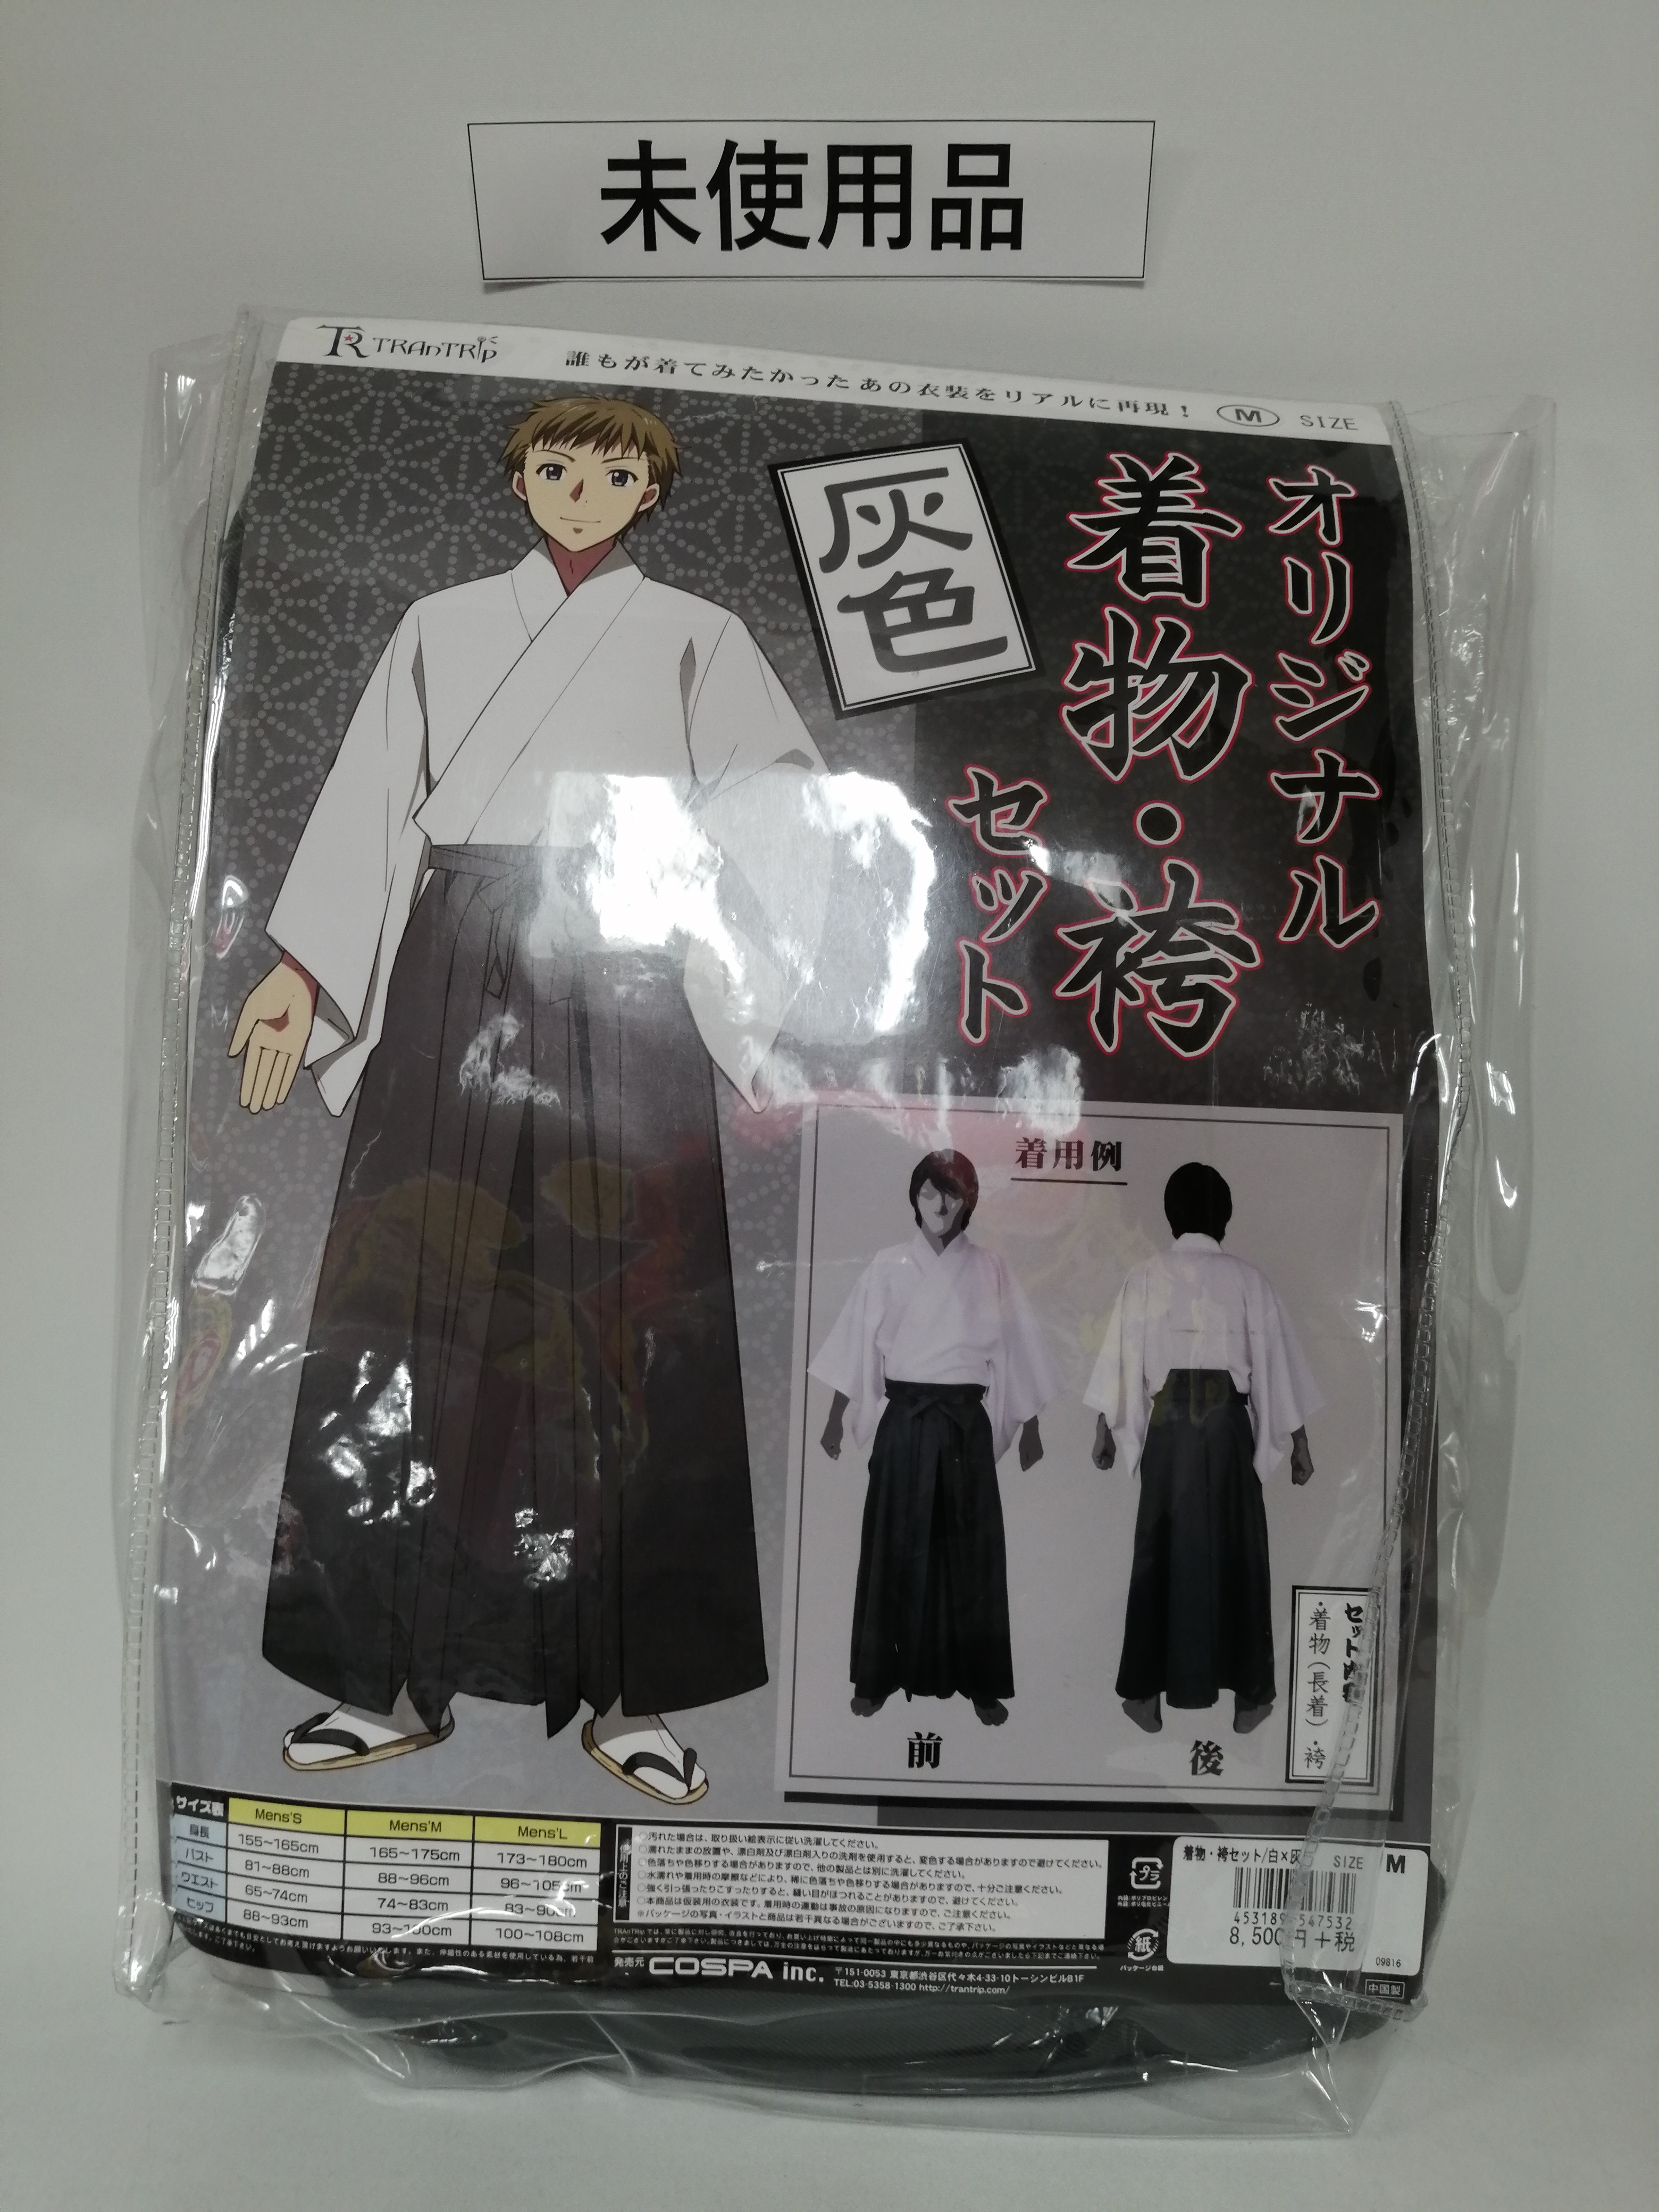 【未使用 メンズM】着物・袴セット 白×灰|TRANTRIP